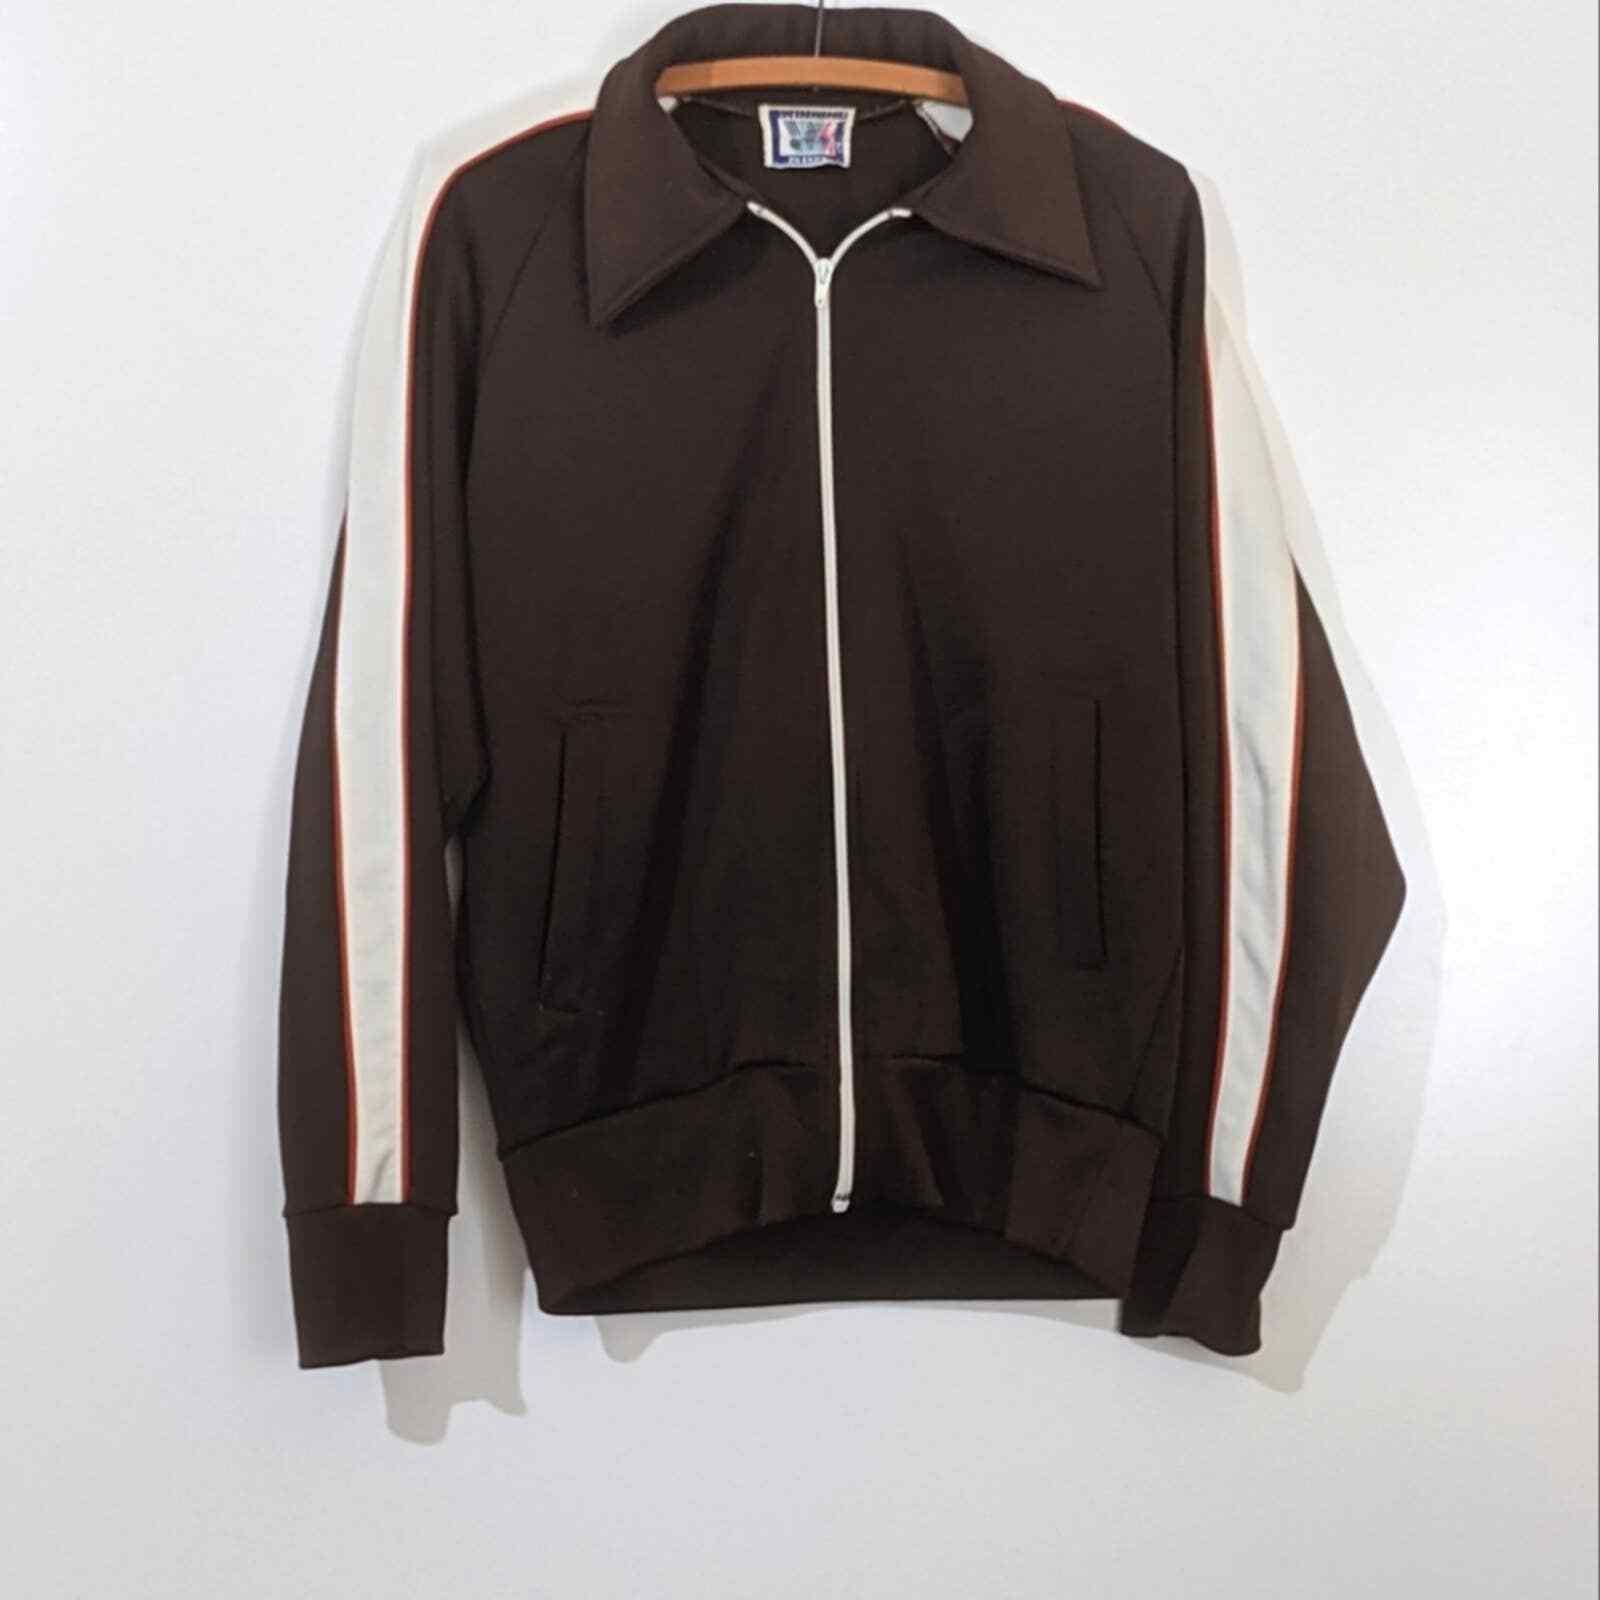 Vintage 1970s Brown Track Jacket Men's - image 1